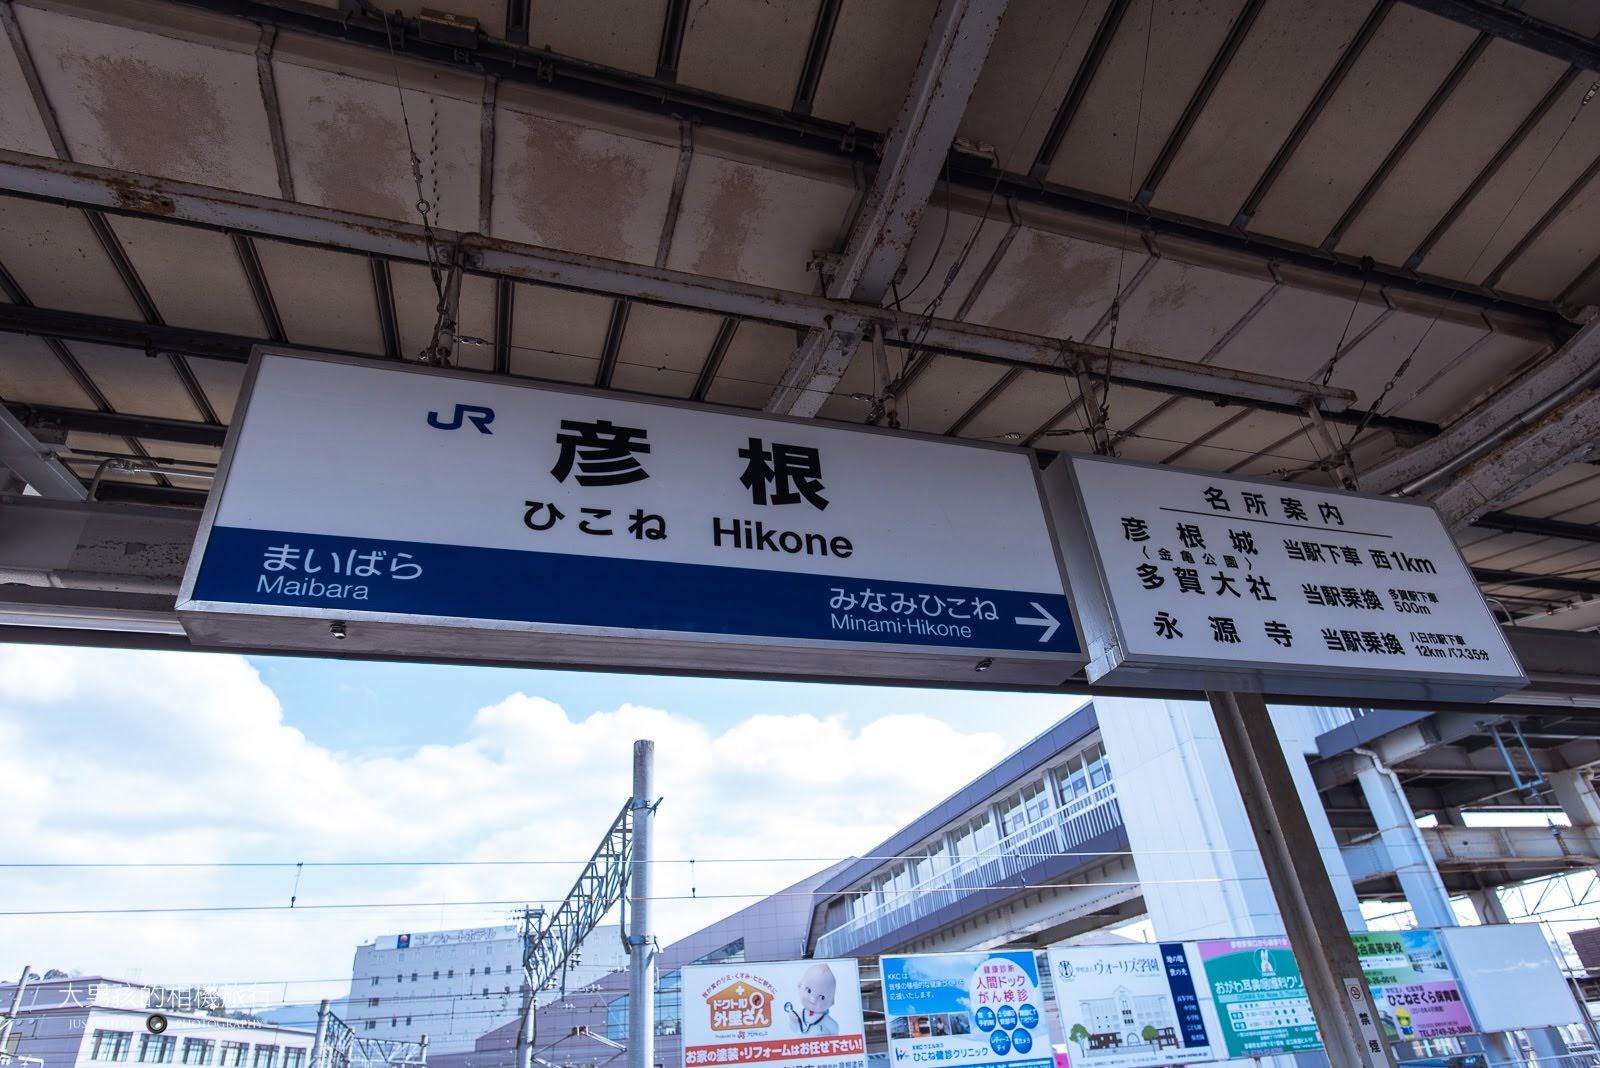 要前往彥根城搭乘JR至彥根站下車是最快速和方便的方式。